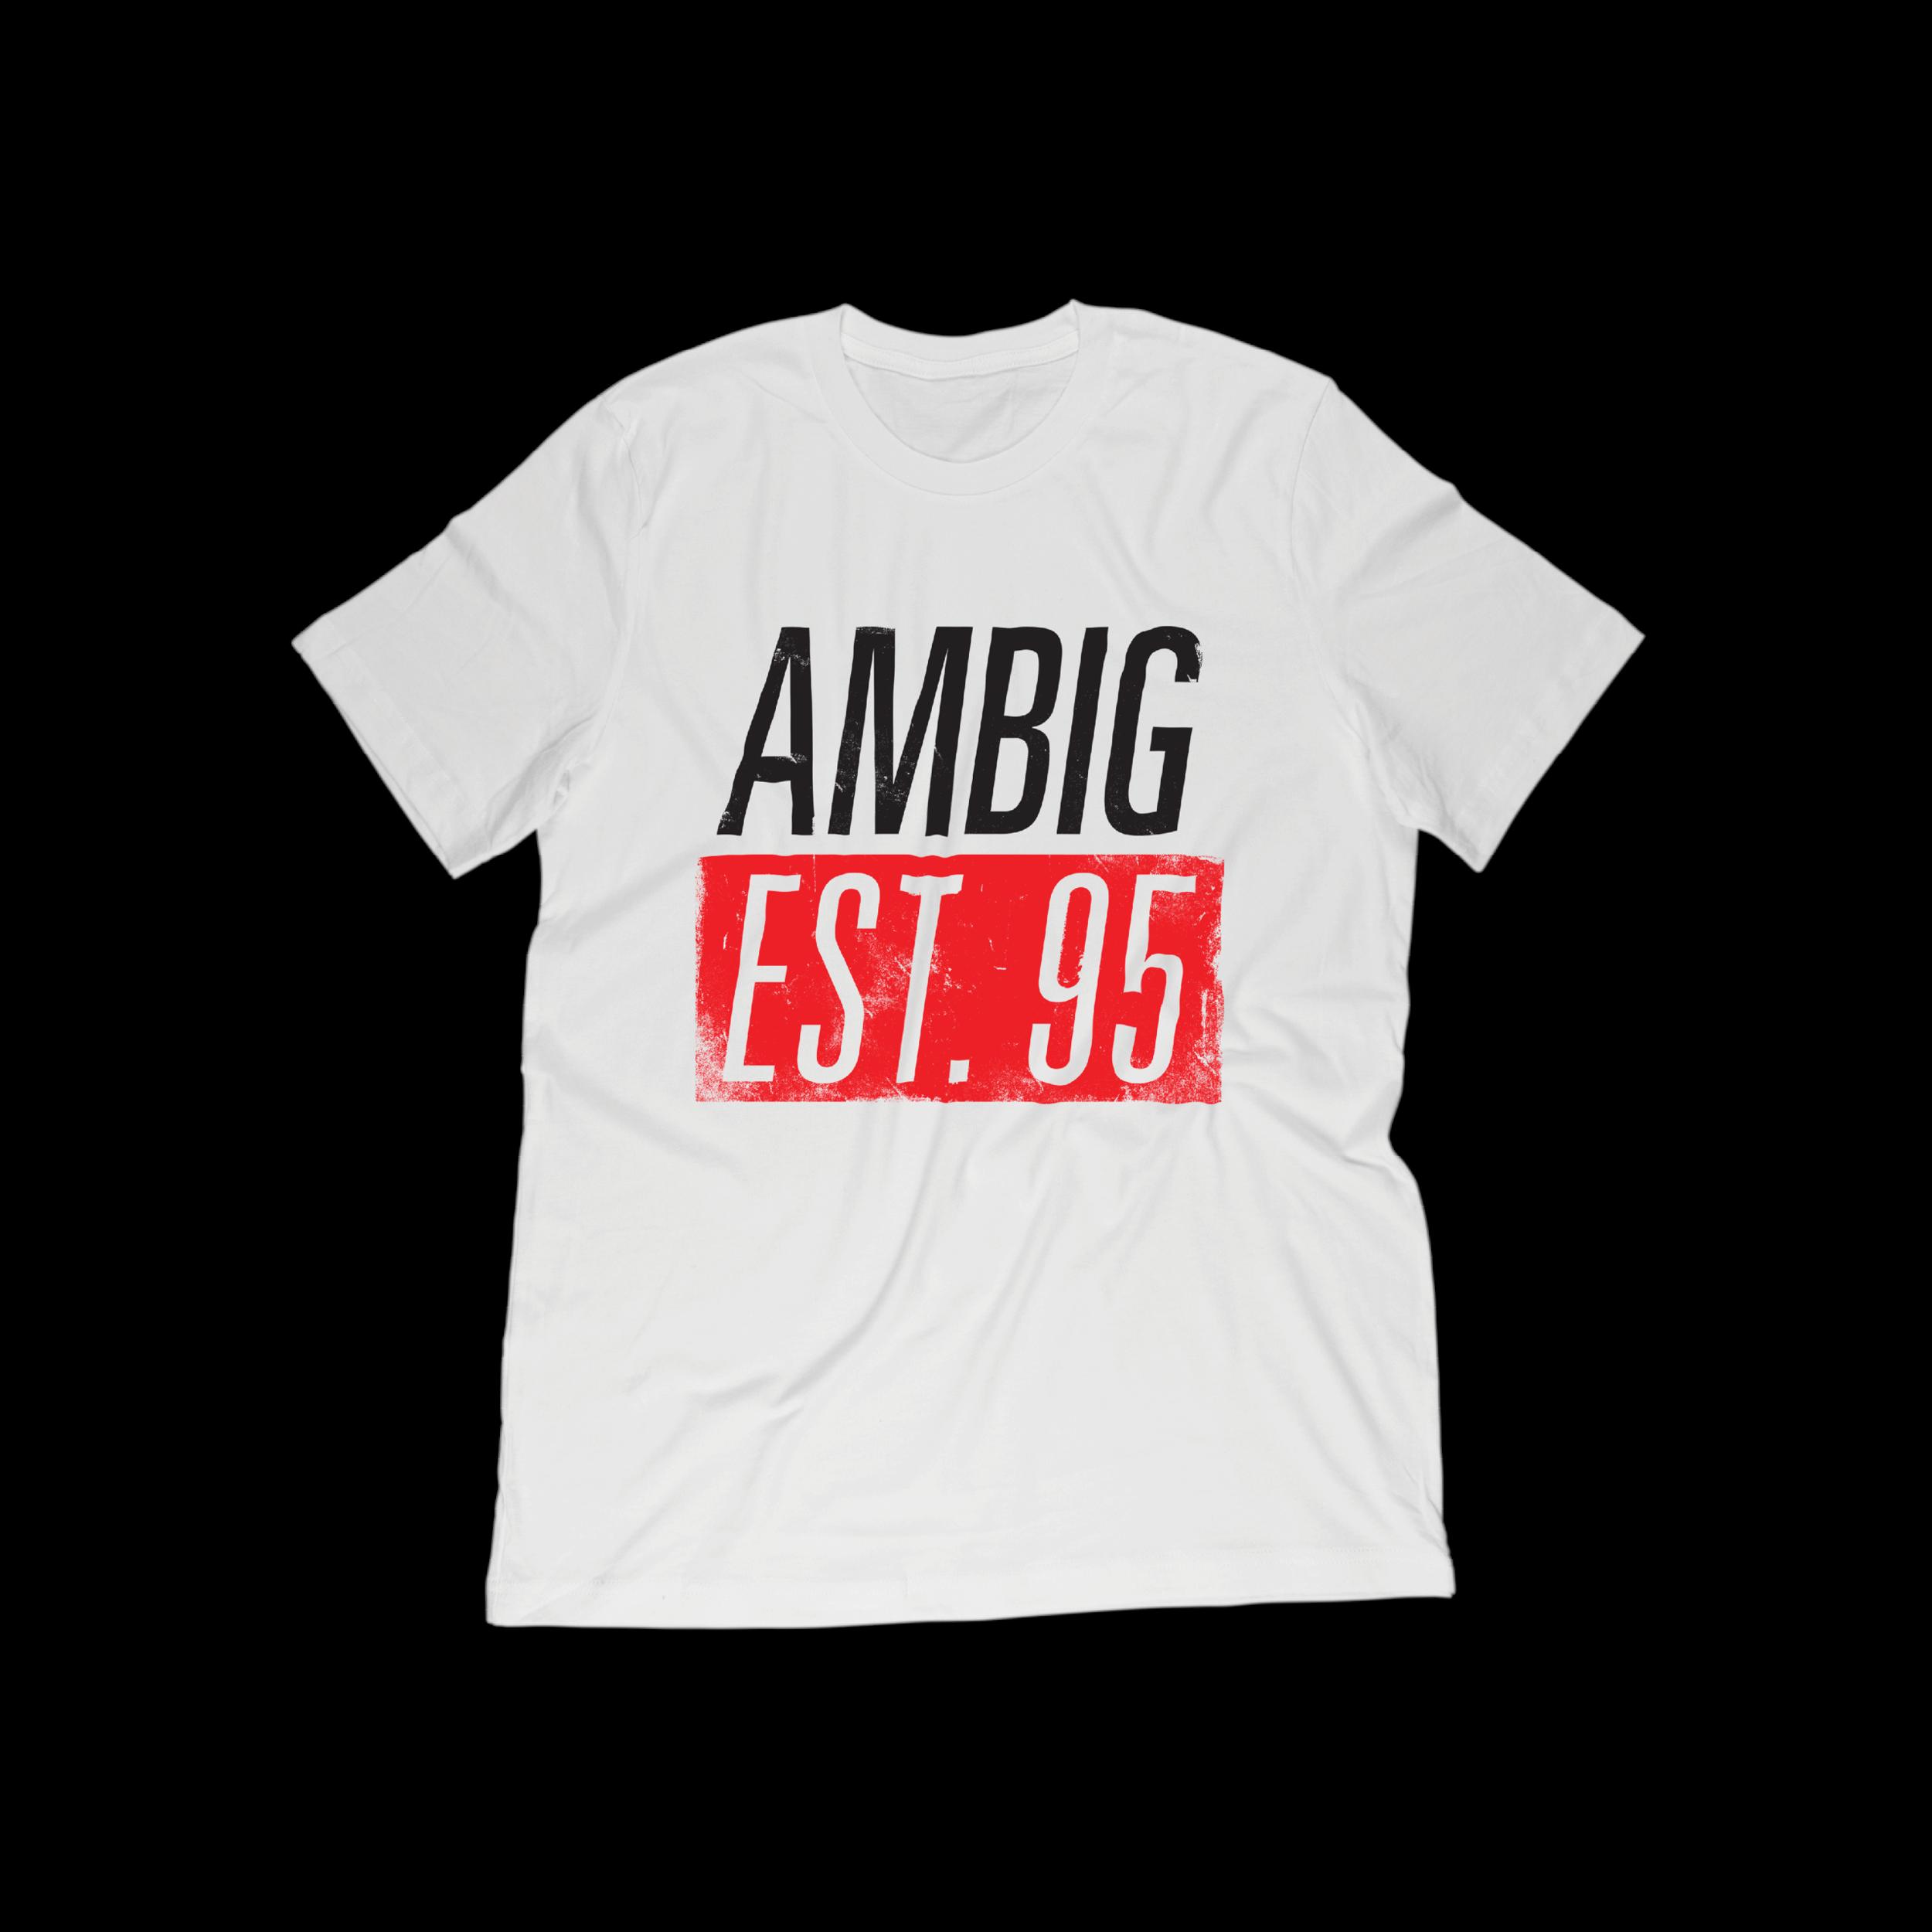 Ambig-MockUps-05261912.png